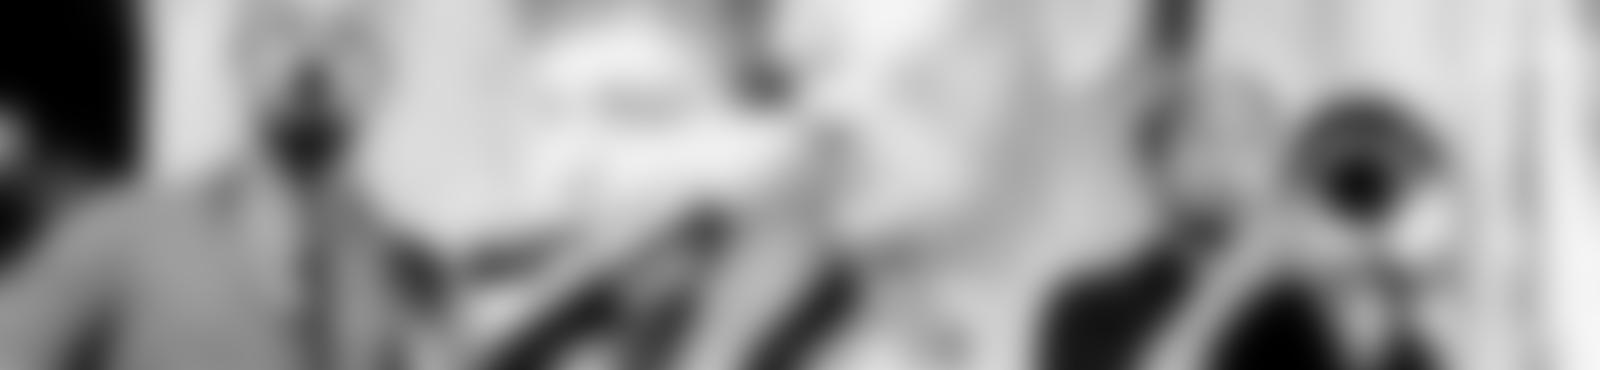 Blurred 6697b3f2 b28a 4736 a405 f78b6616ce2b